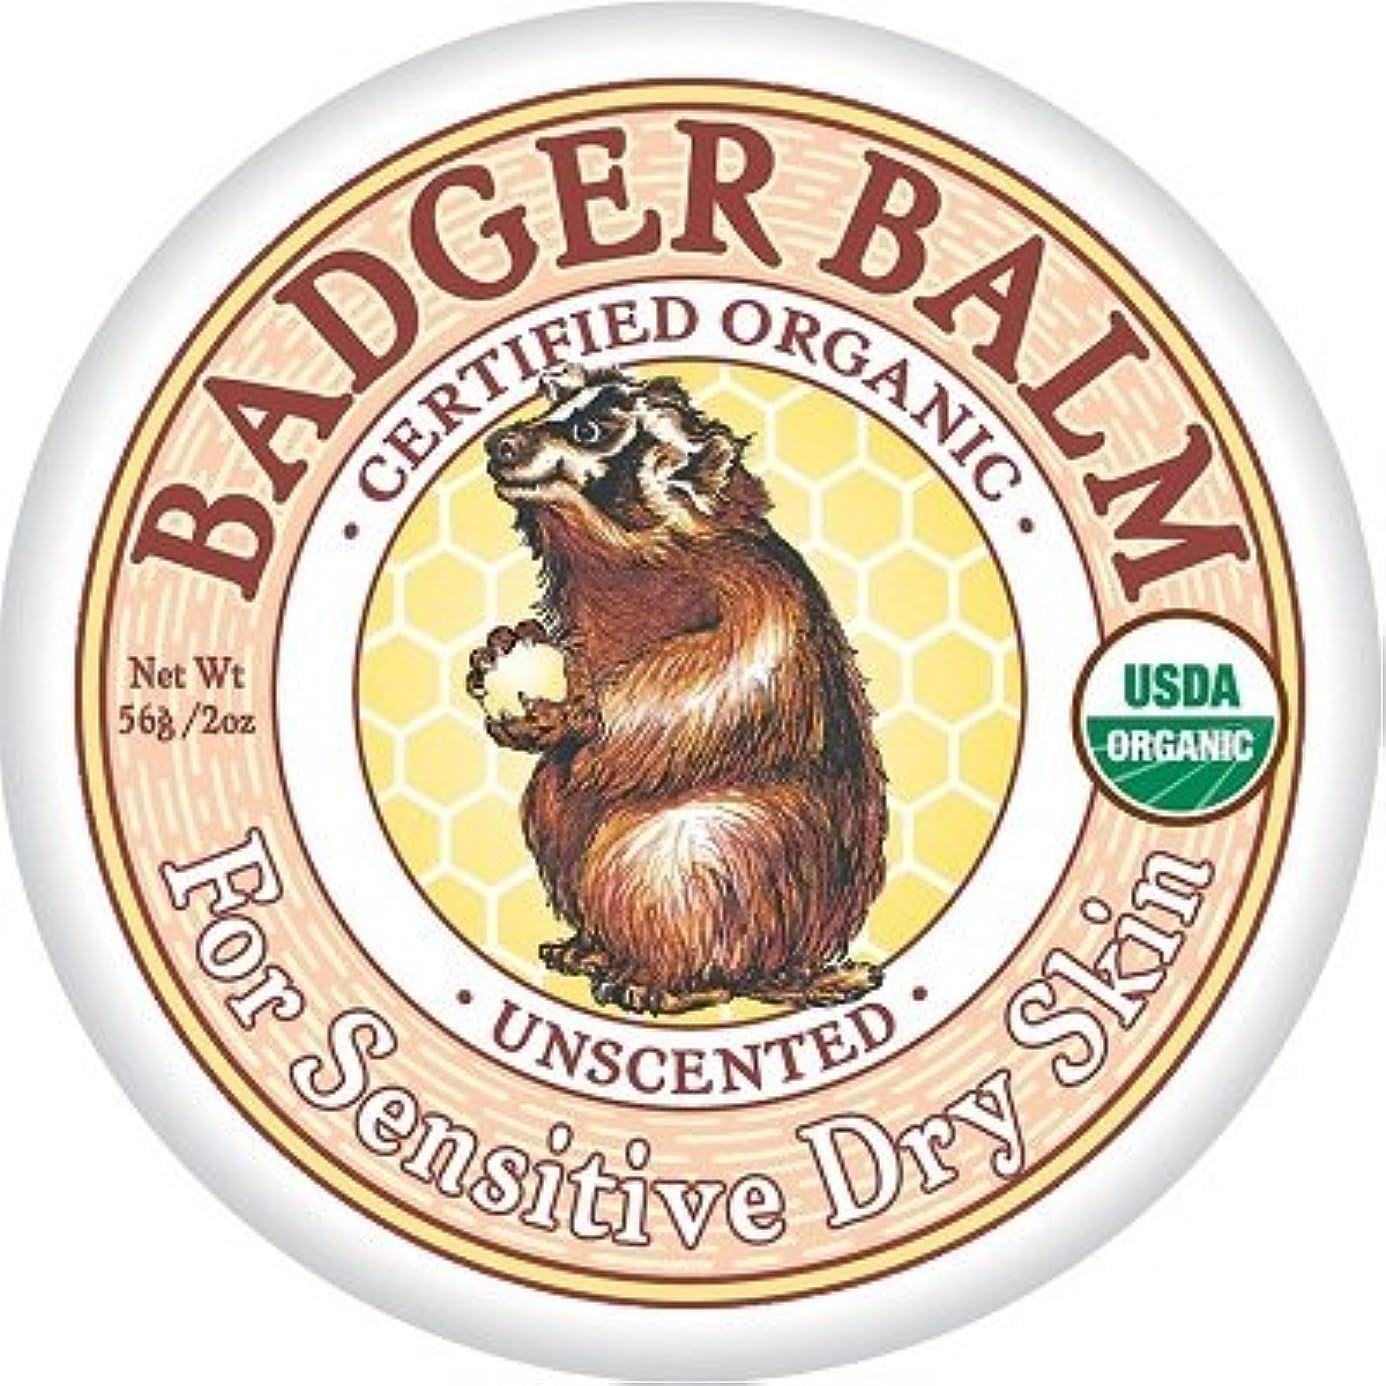 コーヒーシュリンクヒギンズBadger バジャー ヒーリングバーム (無香料)56g【海外直送品】【並行輸入品】